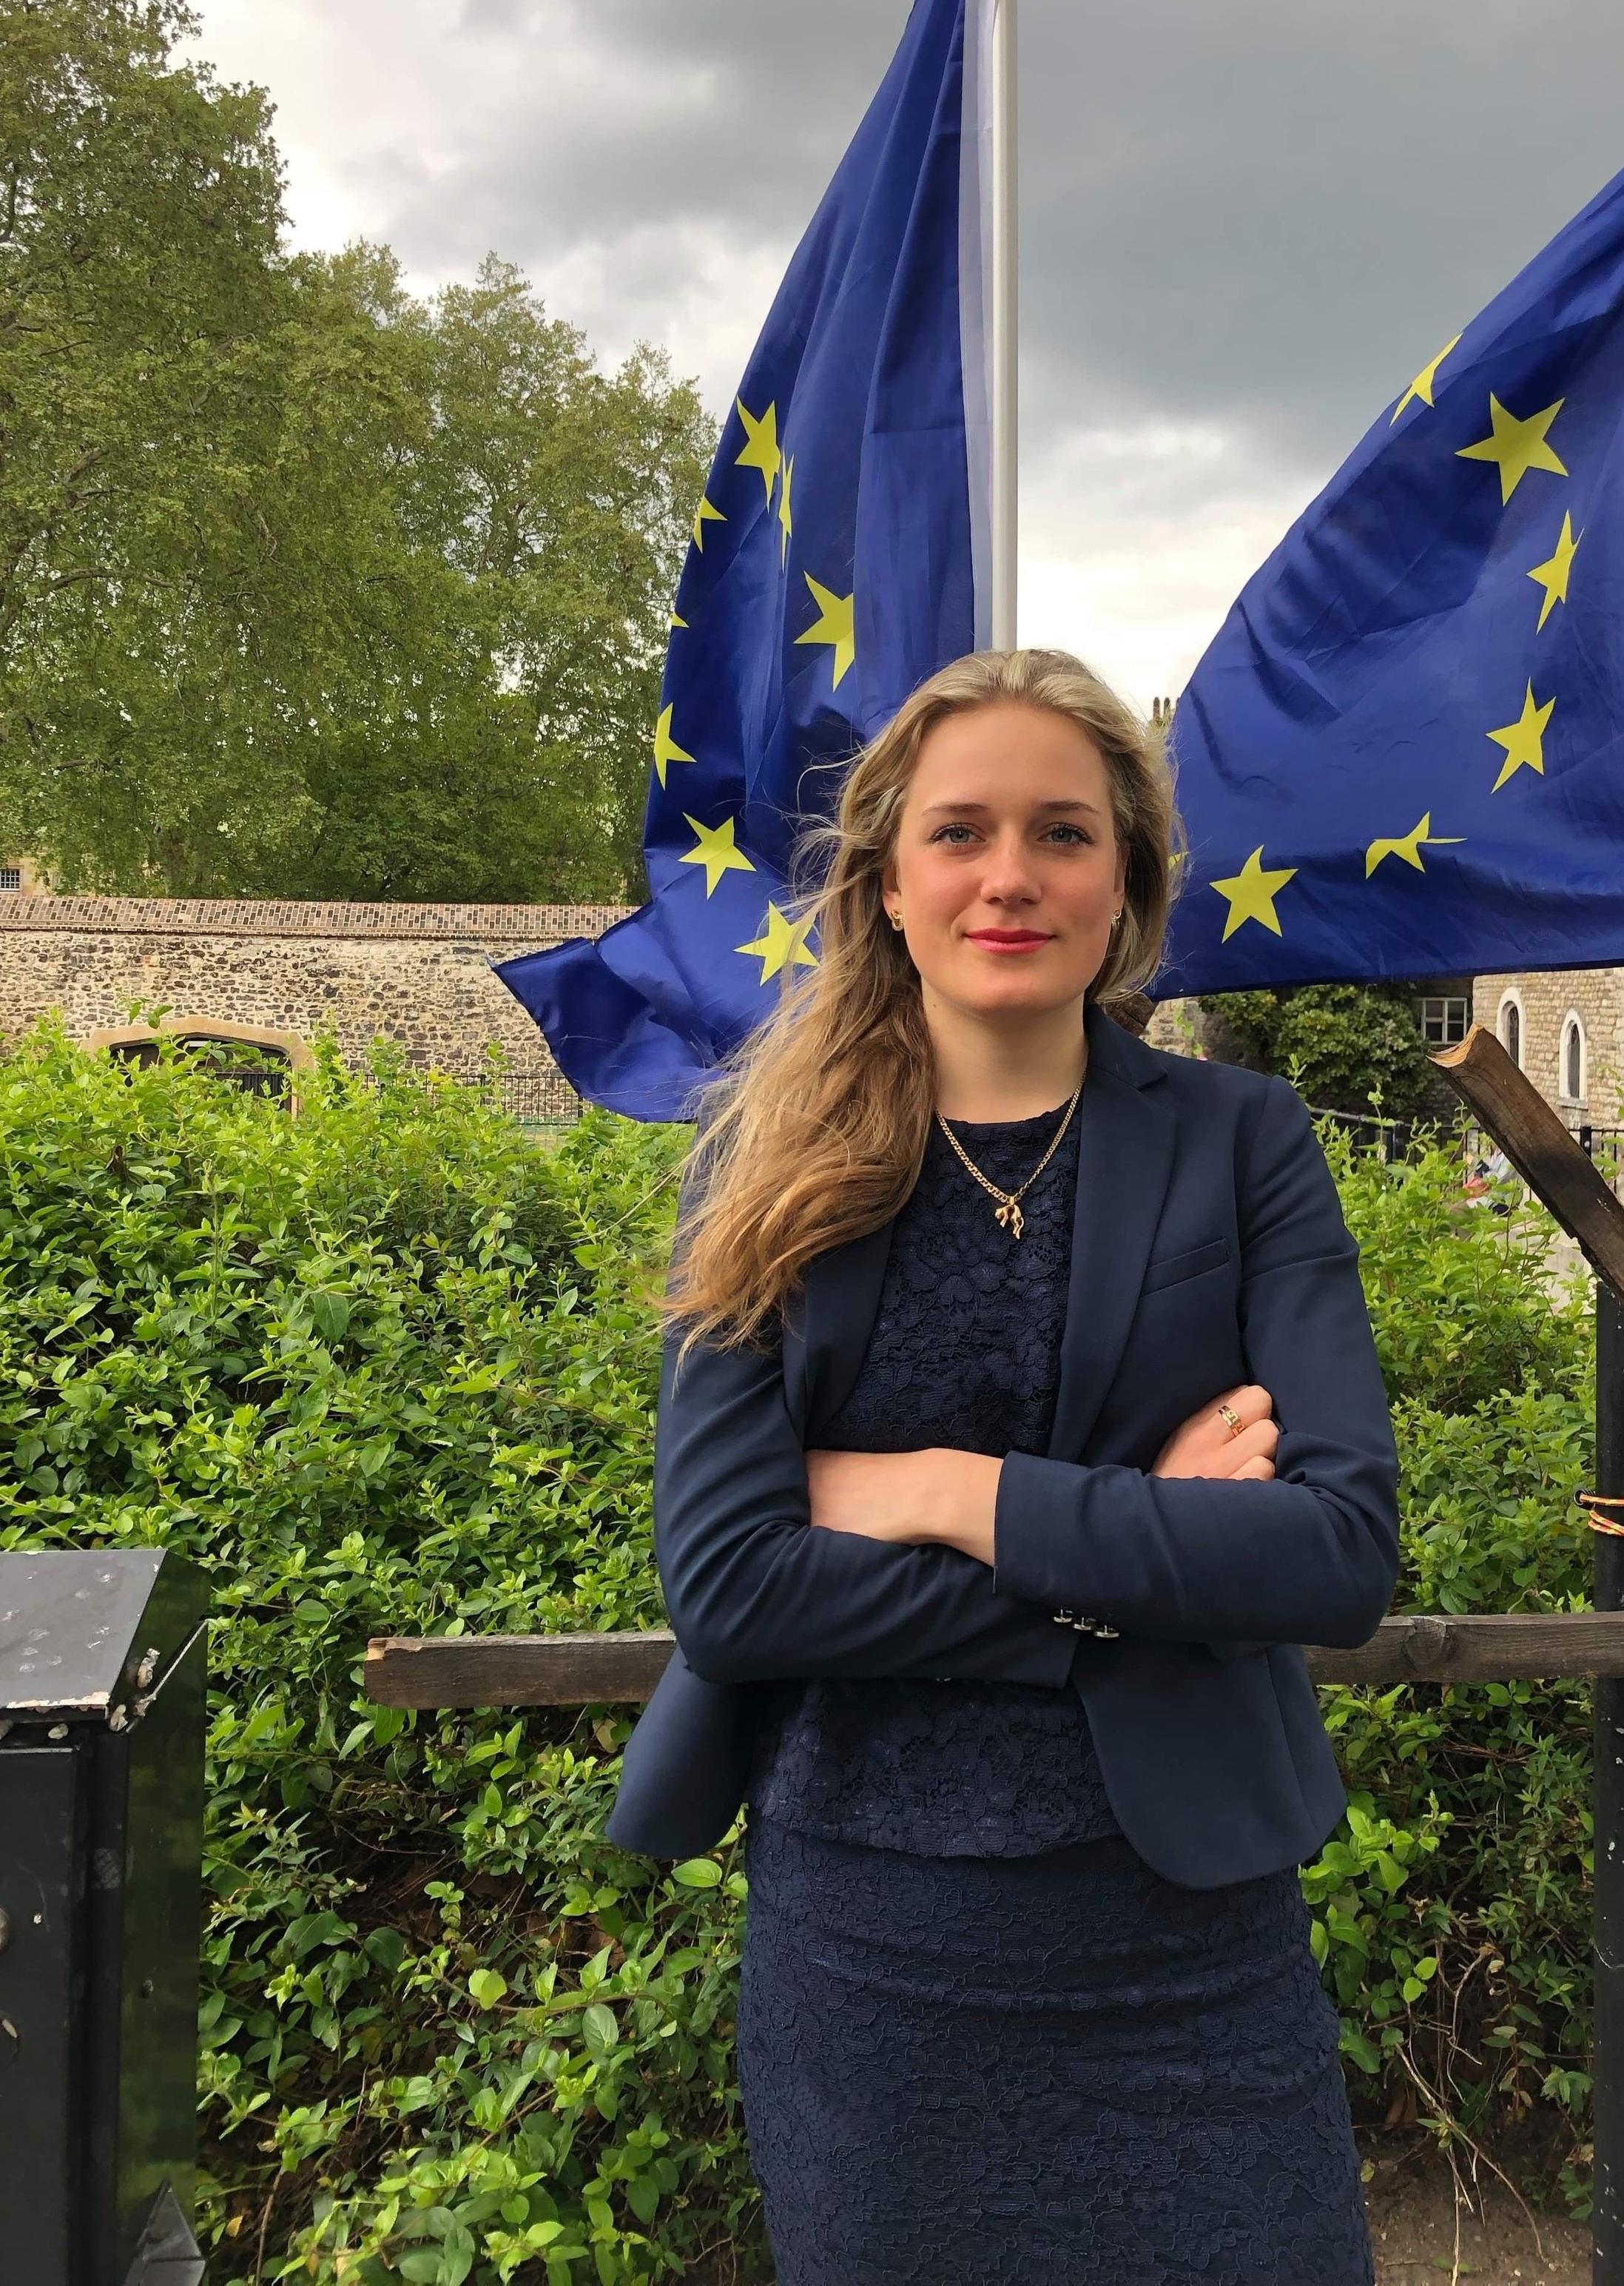 Lovisa Kronsporre (Centerpartiet), 21 år - Varför kandiderar du till EU-valet?– Jag kandiderar för att jag tror på ett hållbart och stabilt Europa som tar ansvar för klimatet, vår gemensamma trygghet och bättre villkor för våra bönder för ett mer hållbart jordbruk. Som student värnar jag självklart också den fria rörligheten och den möjlighet som studier utomlands via Erasmus ger.Vilka är era viktigaste frågor i EU-valet?– Centerpartiet arbetar aktivt för sund och säker mat i hela Europa. Vi måste minska användningen av antibiotika och verka för högre djurvälfärd i EU. Detta är viktigt för att stärka svenska bönders konkurrenskraft och för att motverka och minska risken för antibiotikaresistens. Vi tar också kampen mot högerpopulismen som sveper över världen och är en liberal motkraft till dessa aggressiva strömningar. En annan högt prioriterad fråga för Centerpartiet är miljö och klimatfrågan. Vi vill att EU ska ställa betydligt tuffare miljökrav och vi kommer driva på för att Europa tar ett större ansvar i arbetet med att minska utsläppen av växthusgaser.Hur ska ert parti vinna EU-valet?– Vi vinner valet genom vår tro på att tillväxt går att kombinera med en hållbar miljö. Vi visar tydligt att vi står upp för medmänsklighet och framtidstro och att vår röst behövs i europaparlamentet. Centerpartiets Frederick Federley har levererat på många områden som fört EU framåt, något som han kommer fortsätta att göra. Vi vill vinna EU-valet för att bli fler centerpartister som kan bidra i detta goda arbete och fortsatt tydligt visa på att vi gör skillnad i EU.